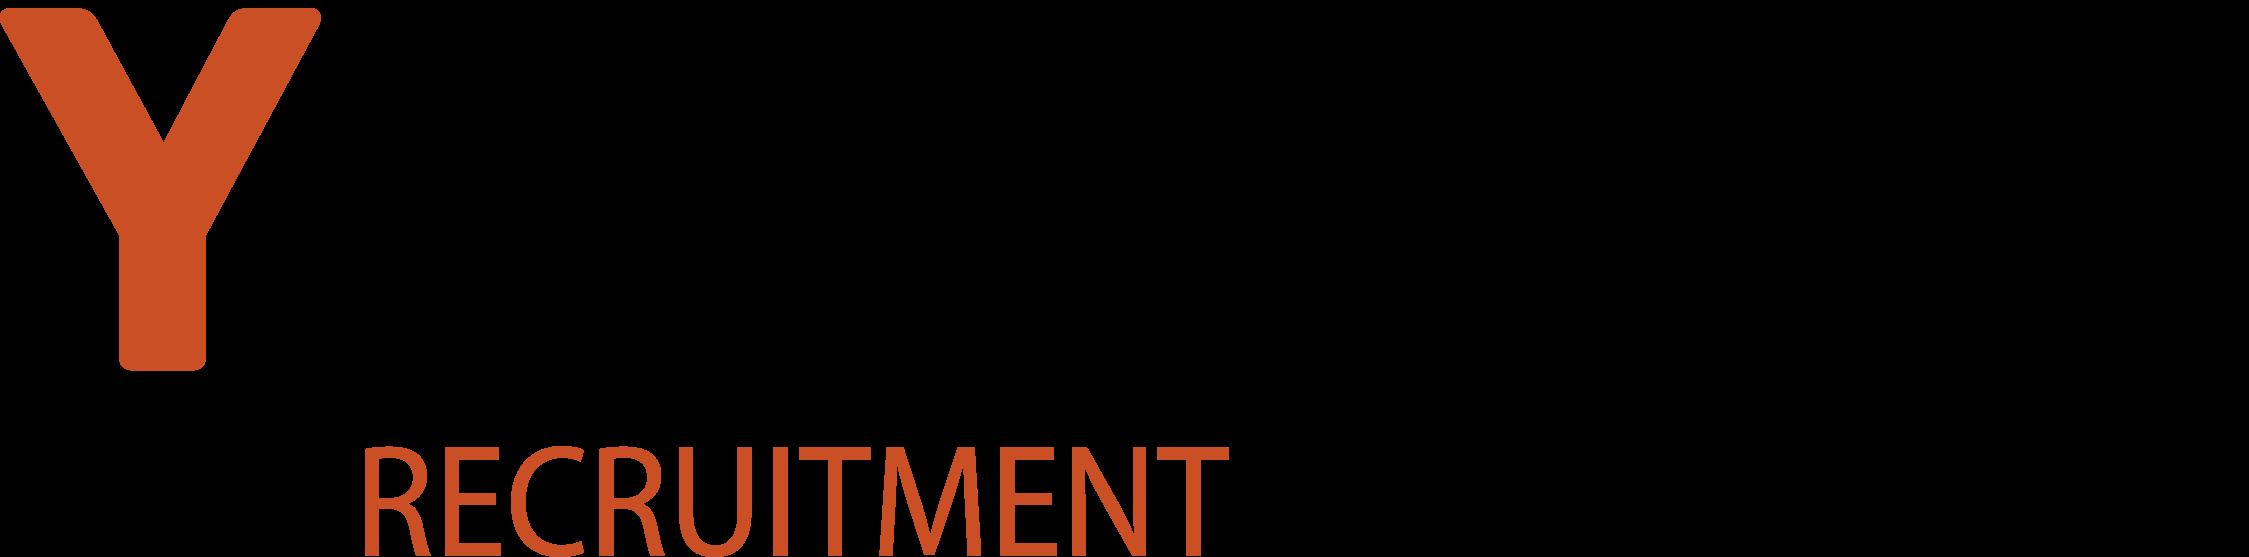 Ymatch logo